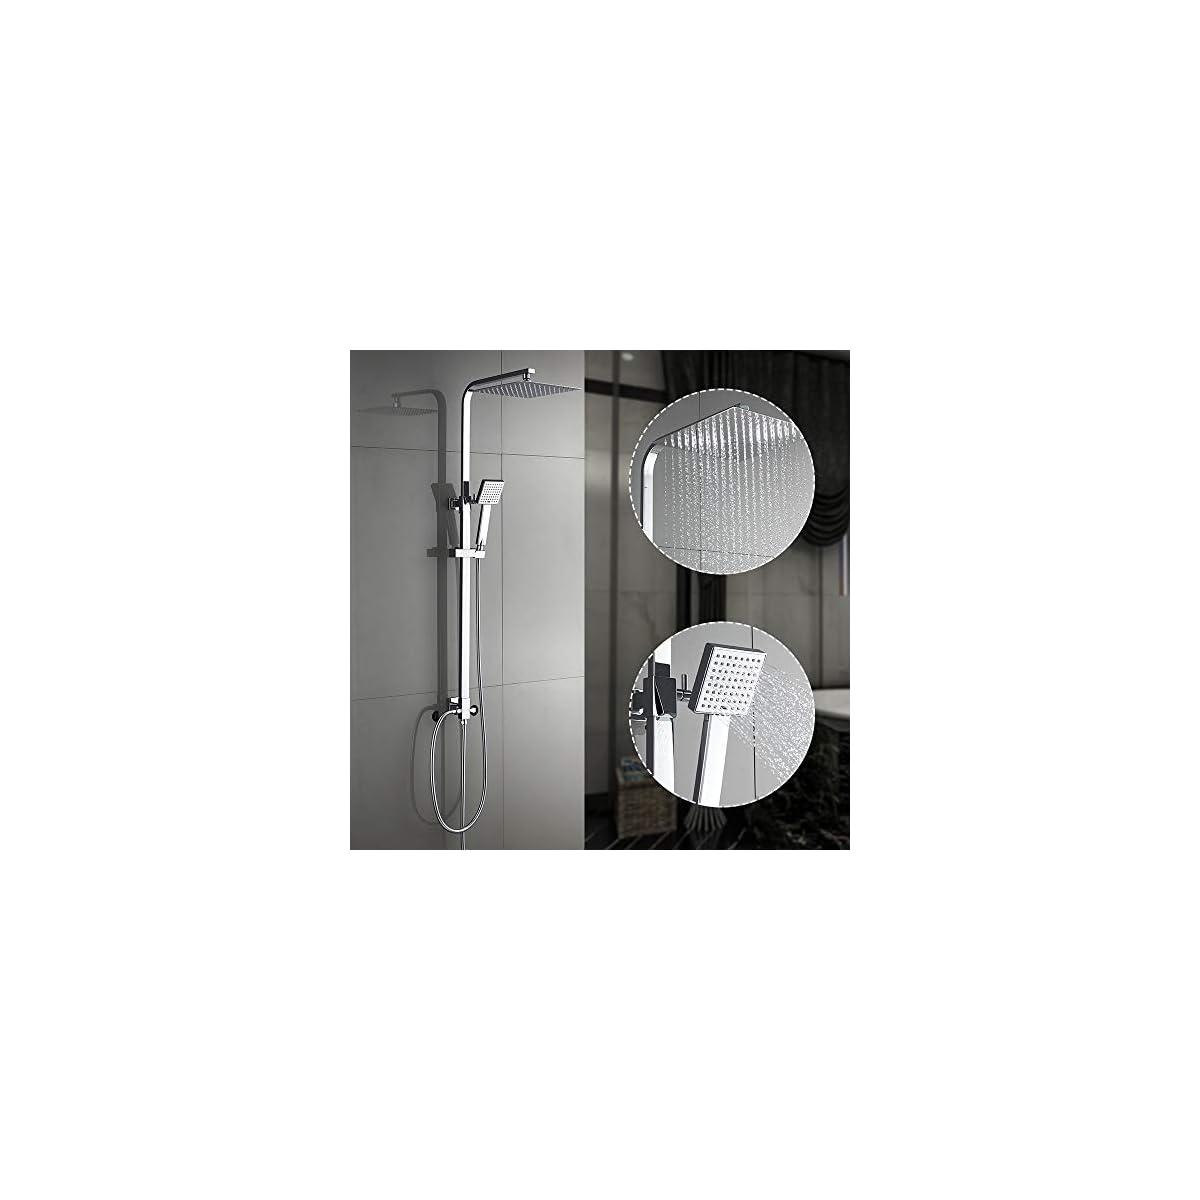 51mW1cw0uRL. SS1200  - AuraLum Conjunto de Ducha Sistema de Ducha Pared Columna sólido douchettes Grifo para Cuarto de baño latón Cromado